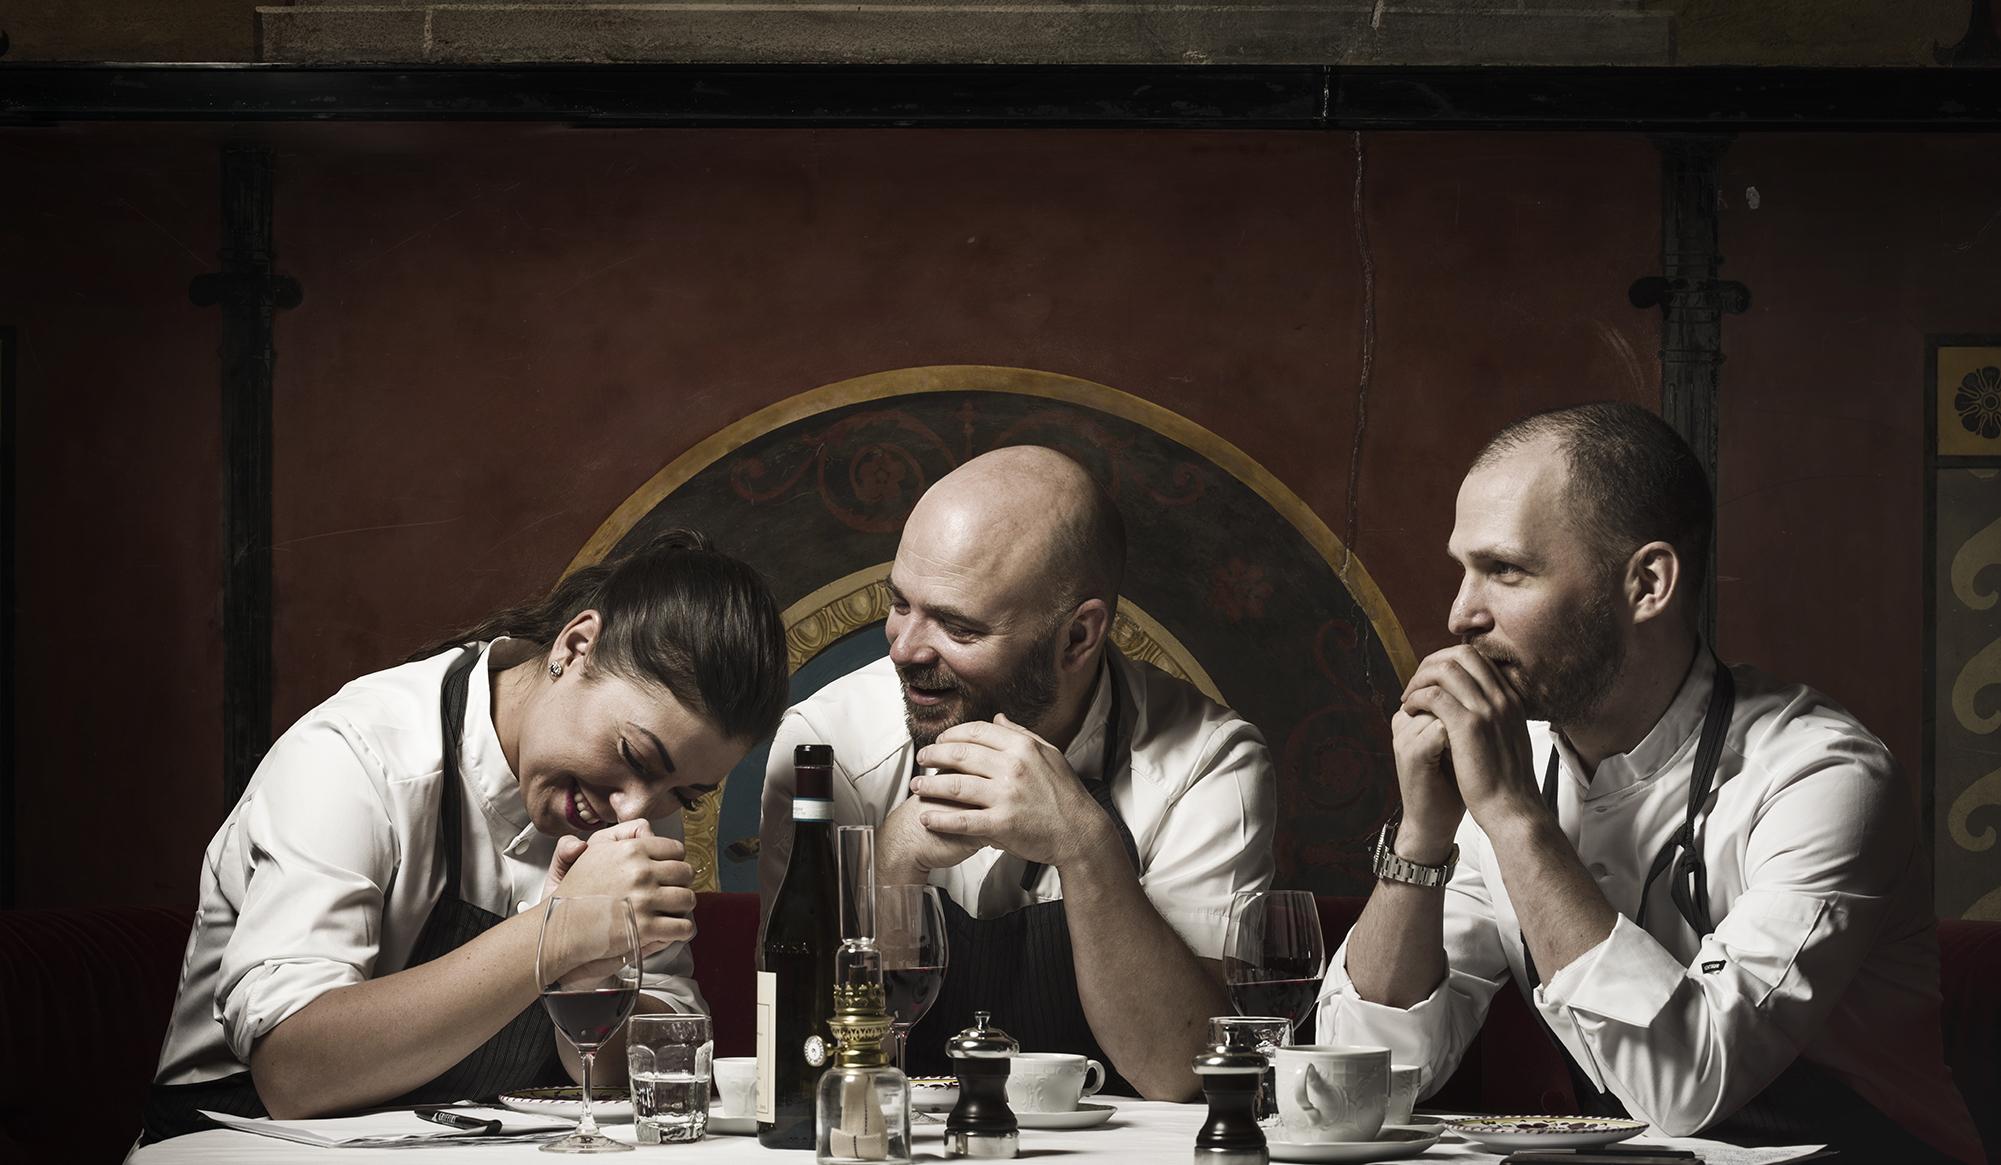 Restaurang L'Avventura är Vasastans nya italienska kvarterskrog